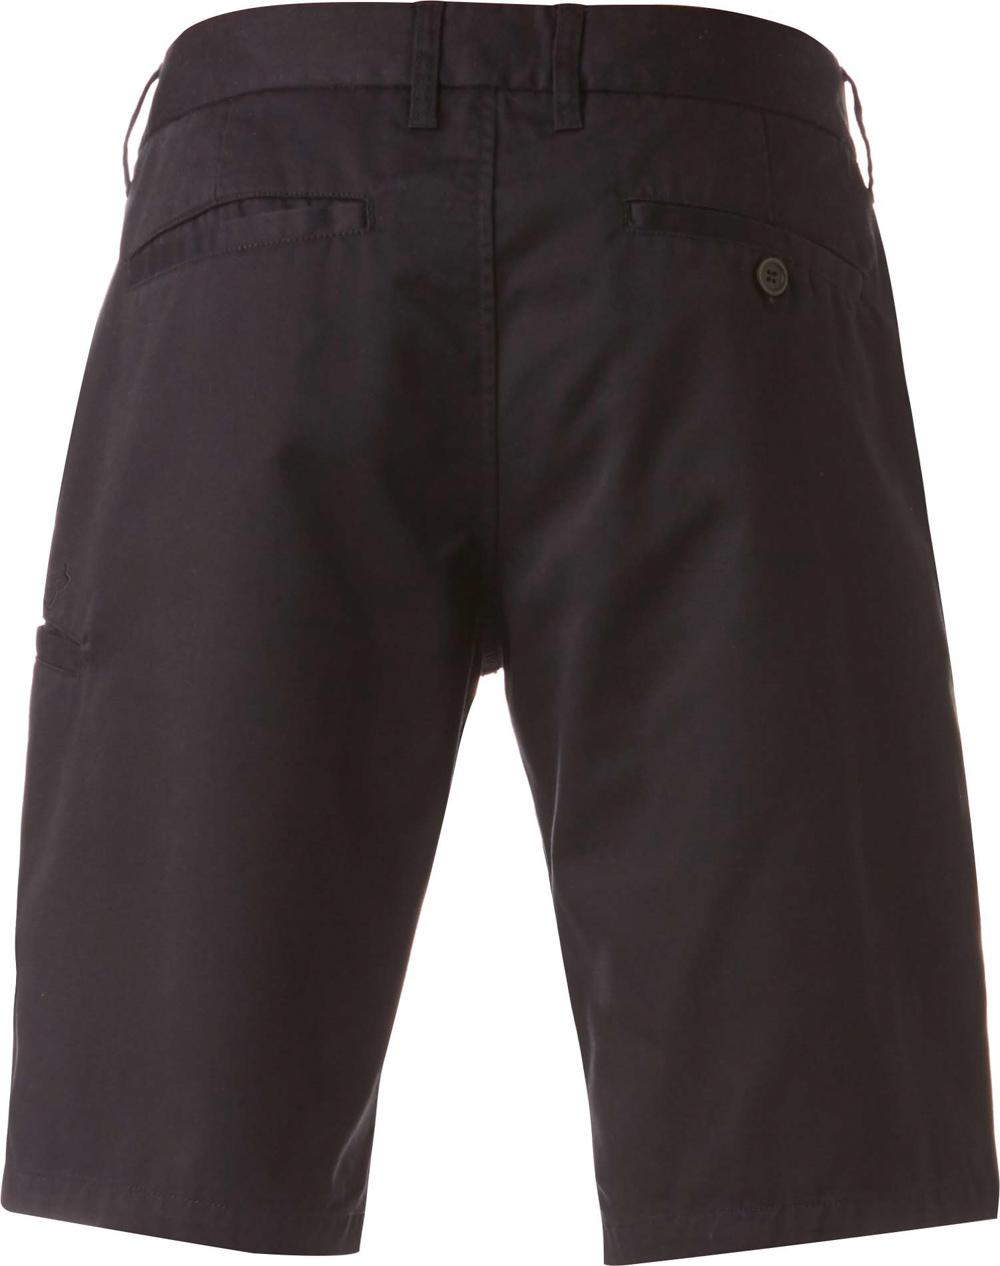 4c99405cb85 Pánské kraťasy - Essex Short Black Pánské kraťasy - Essex Short Black